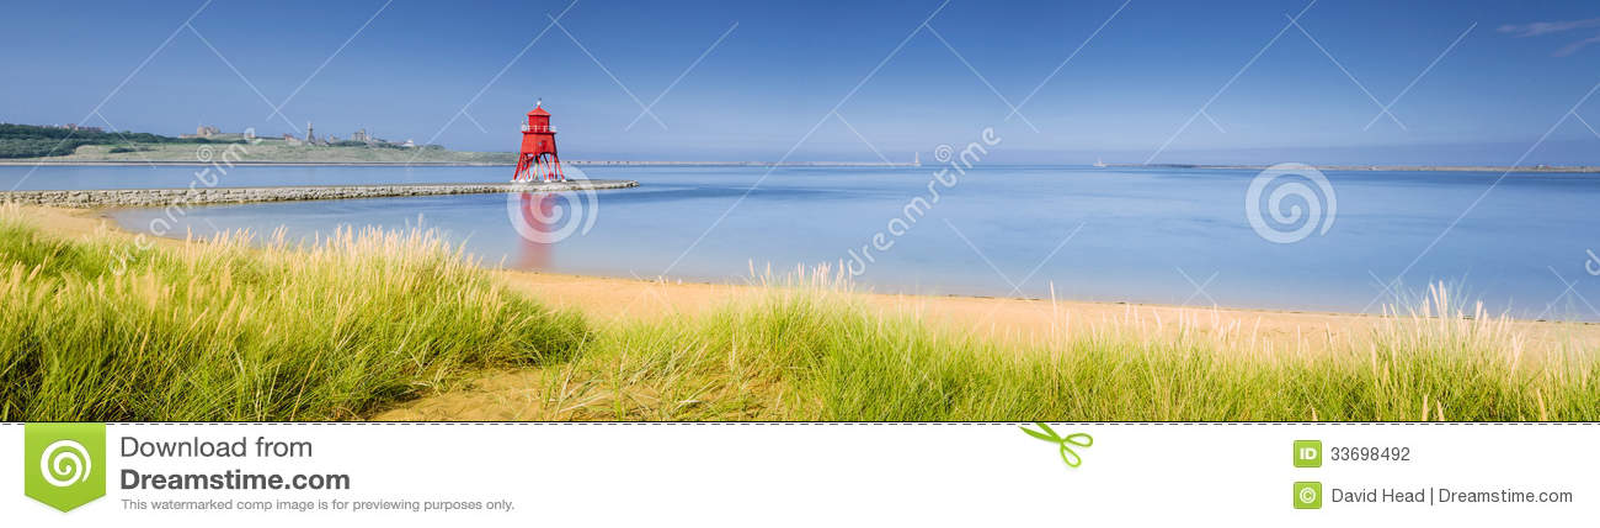 Le sud protège le panorama de plage